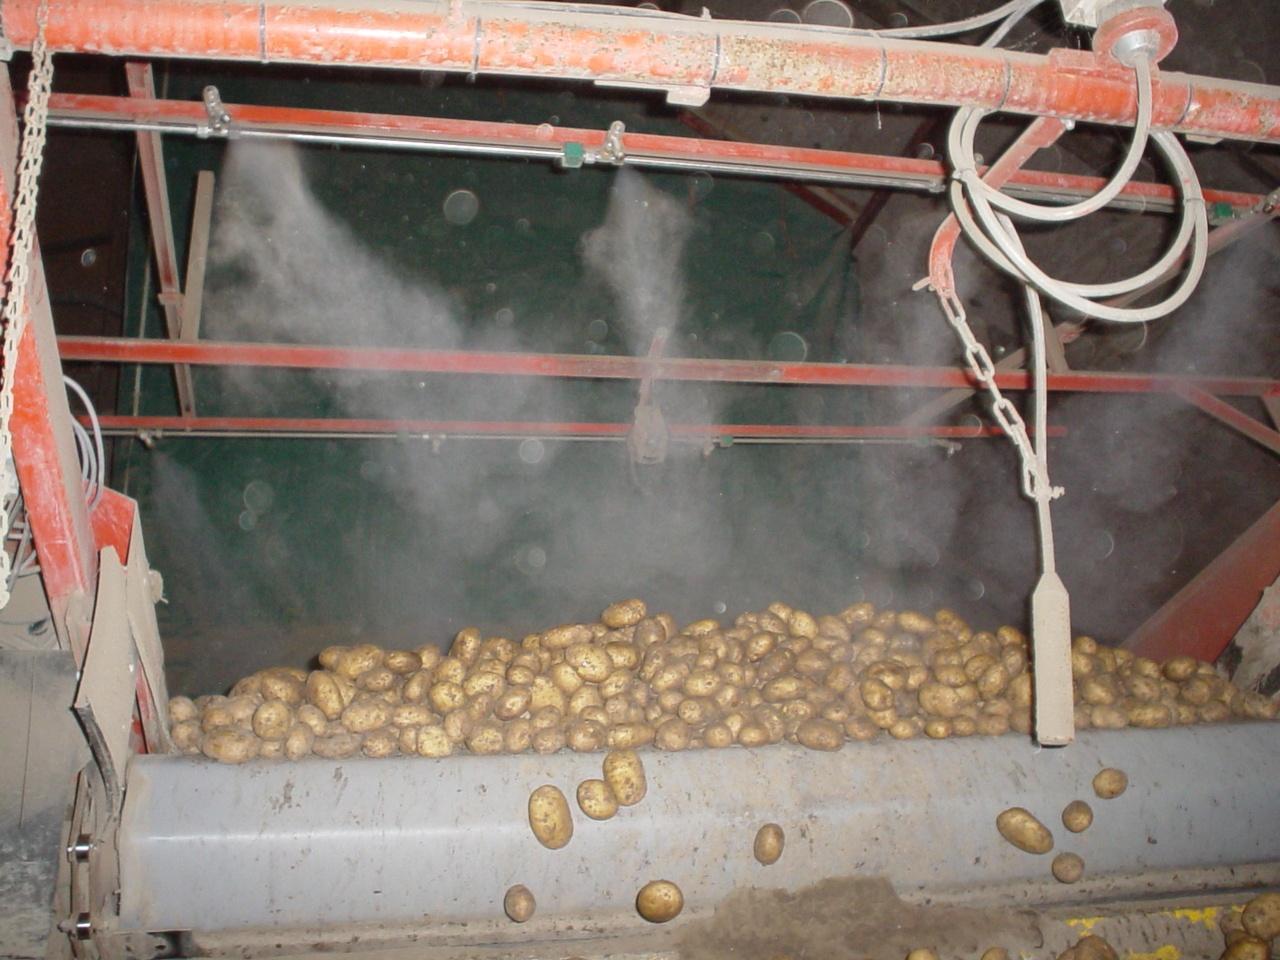 Bakker Reldair stof vermindering en geurreductie bij aardappelsorteer